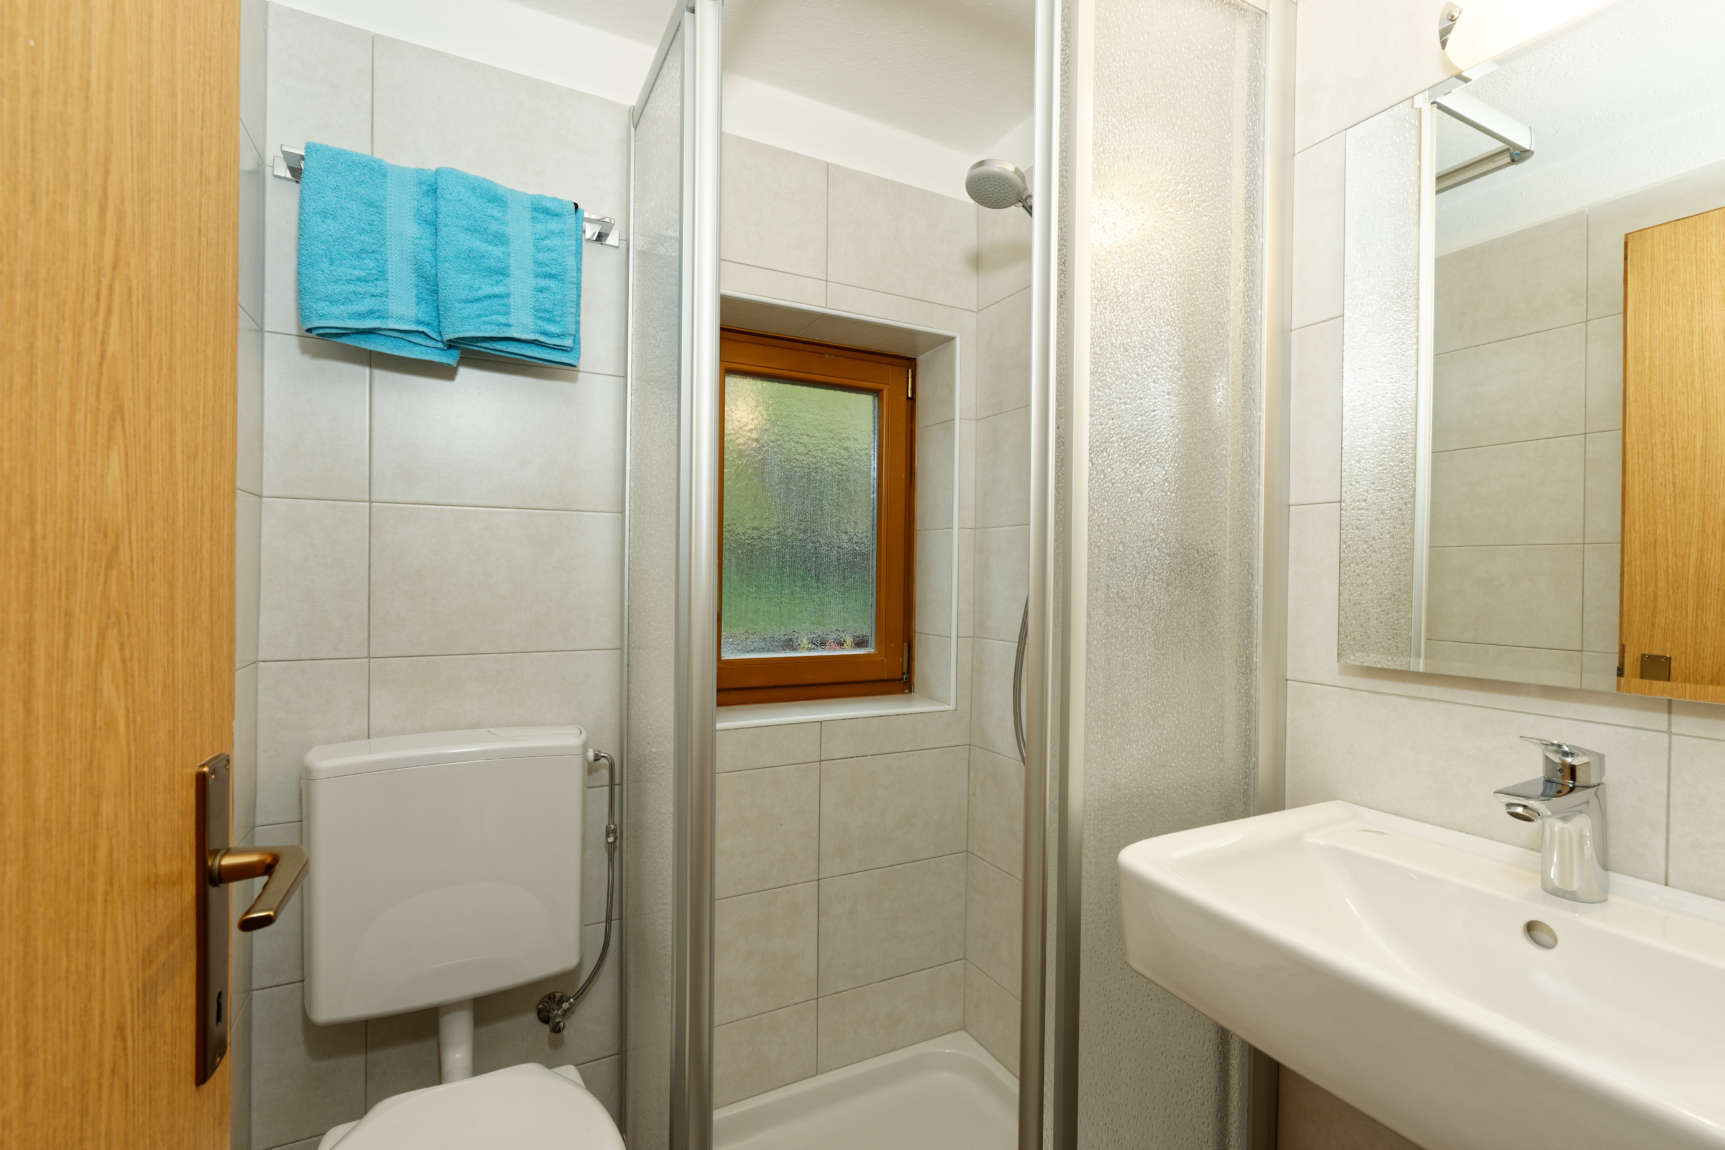 Badezimmer Mit Dusche 02